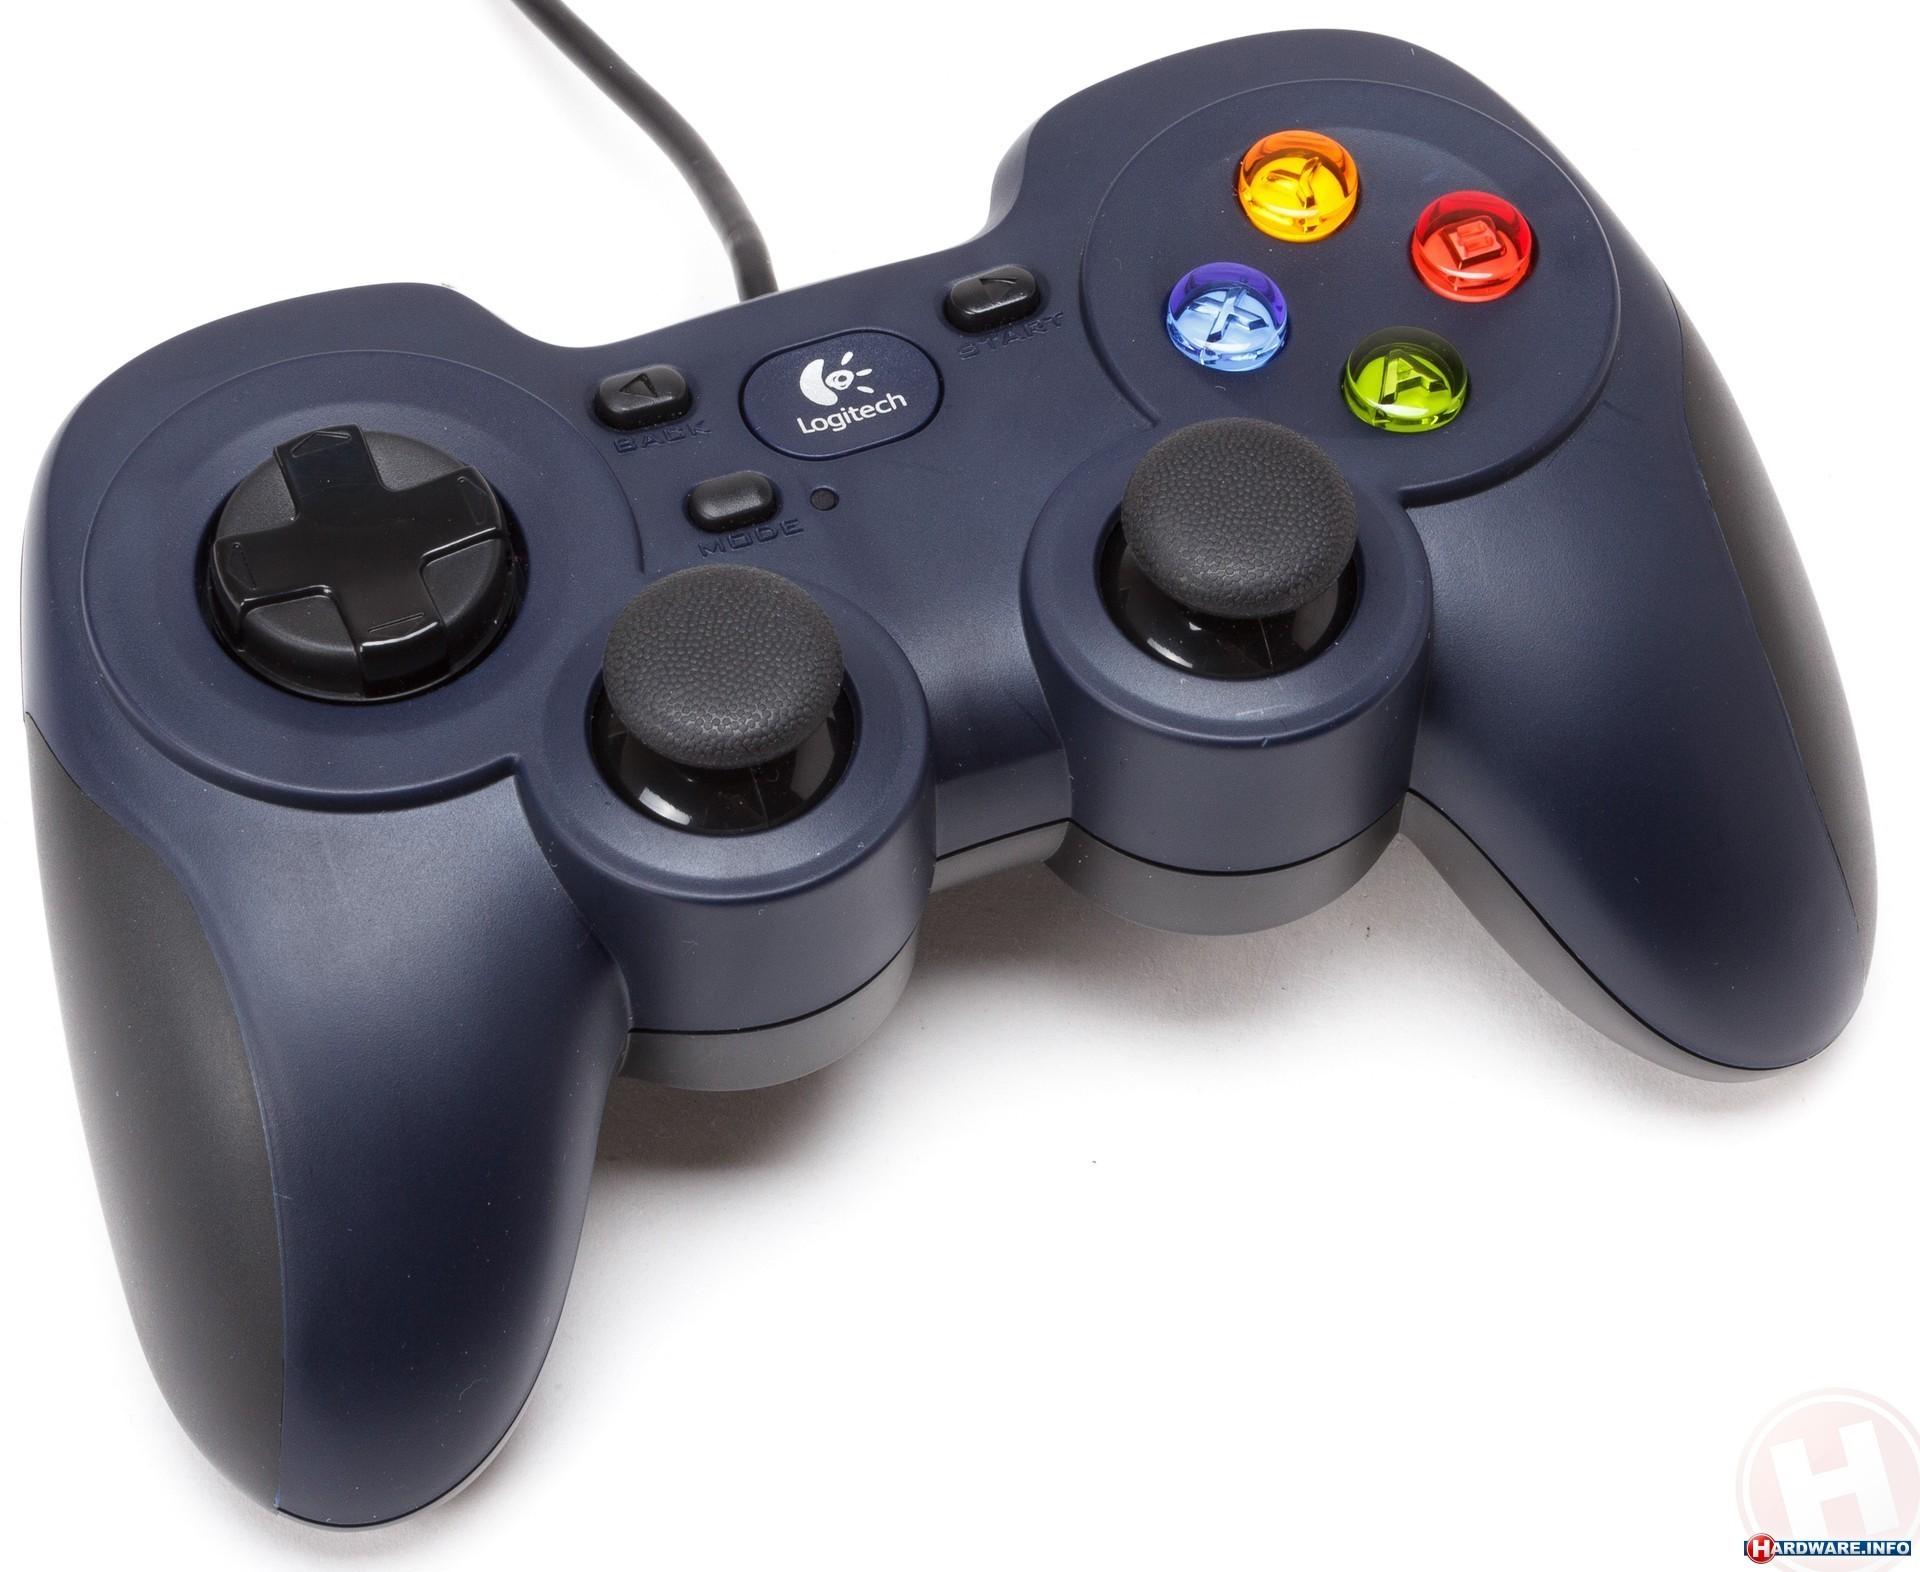 Драйвер для logitech gamepad f310 скачать